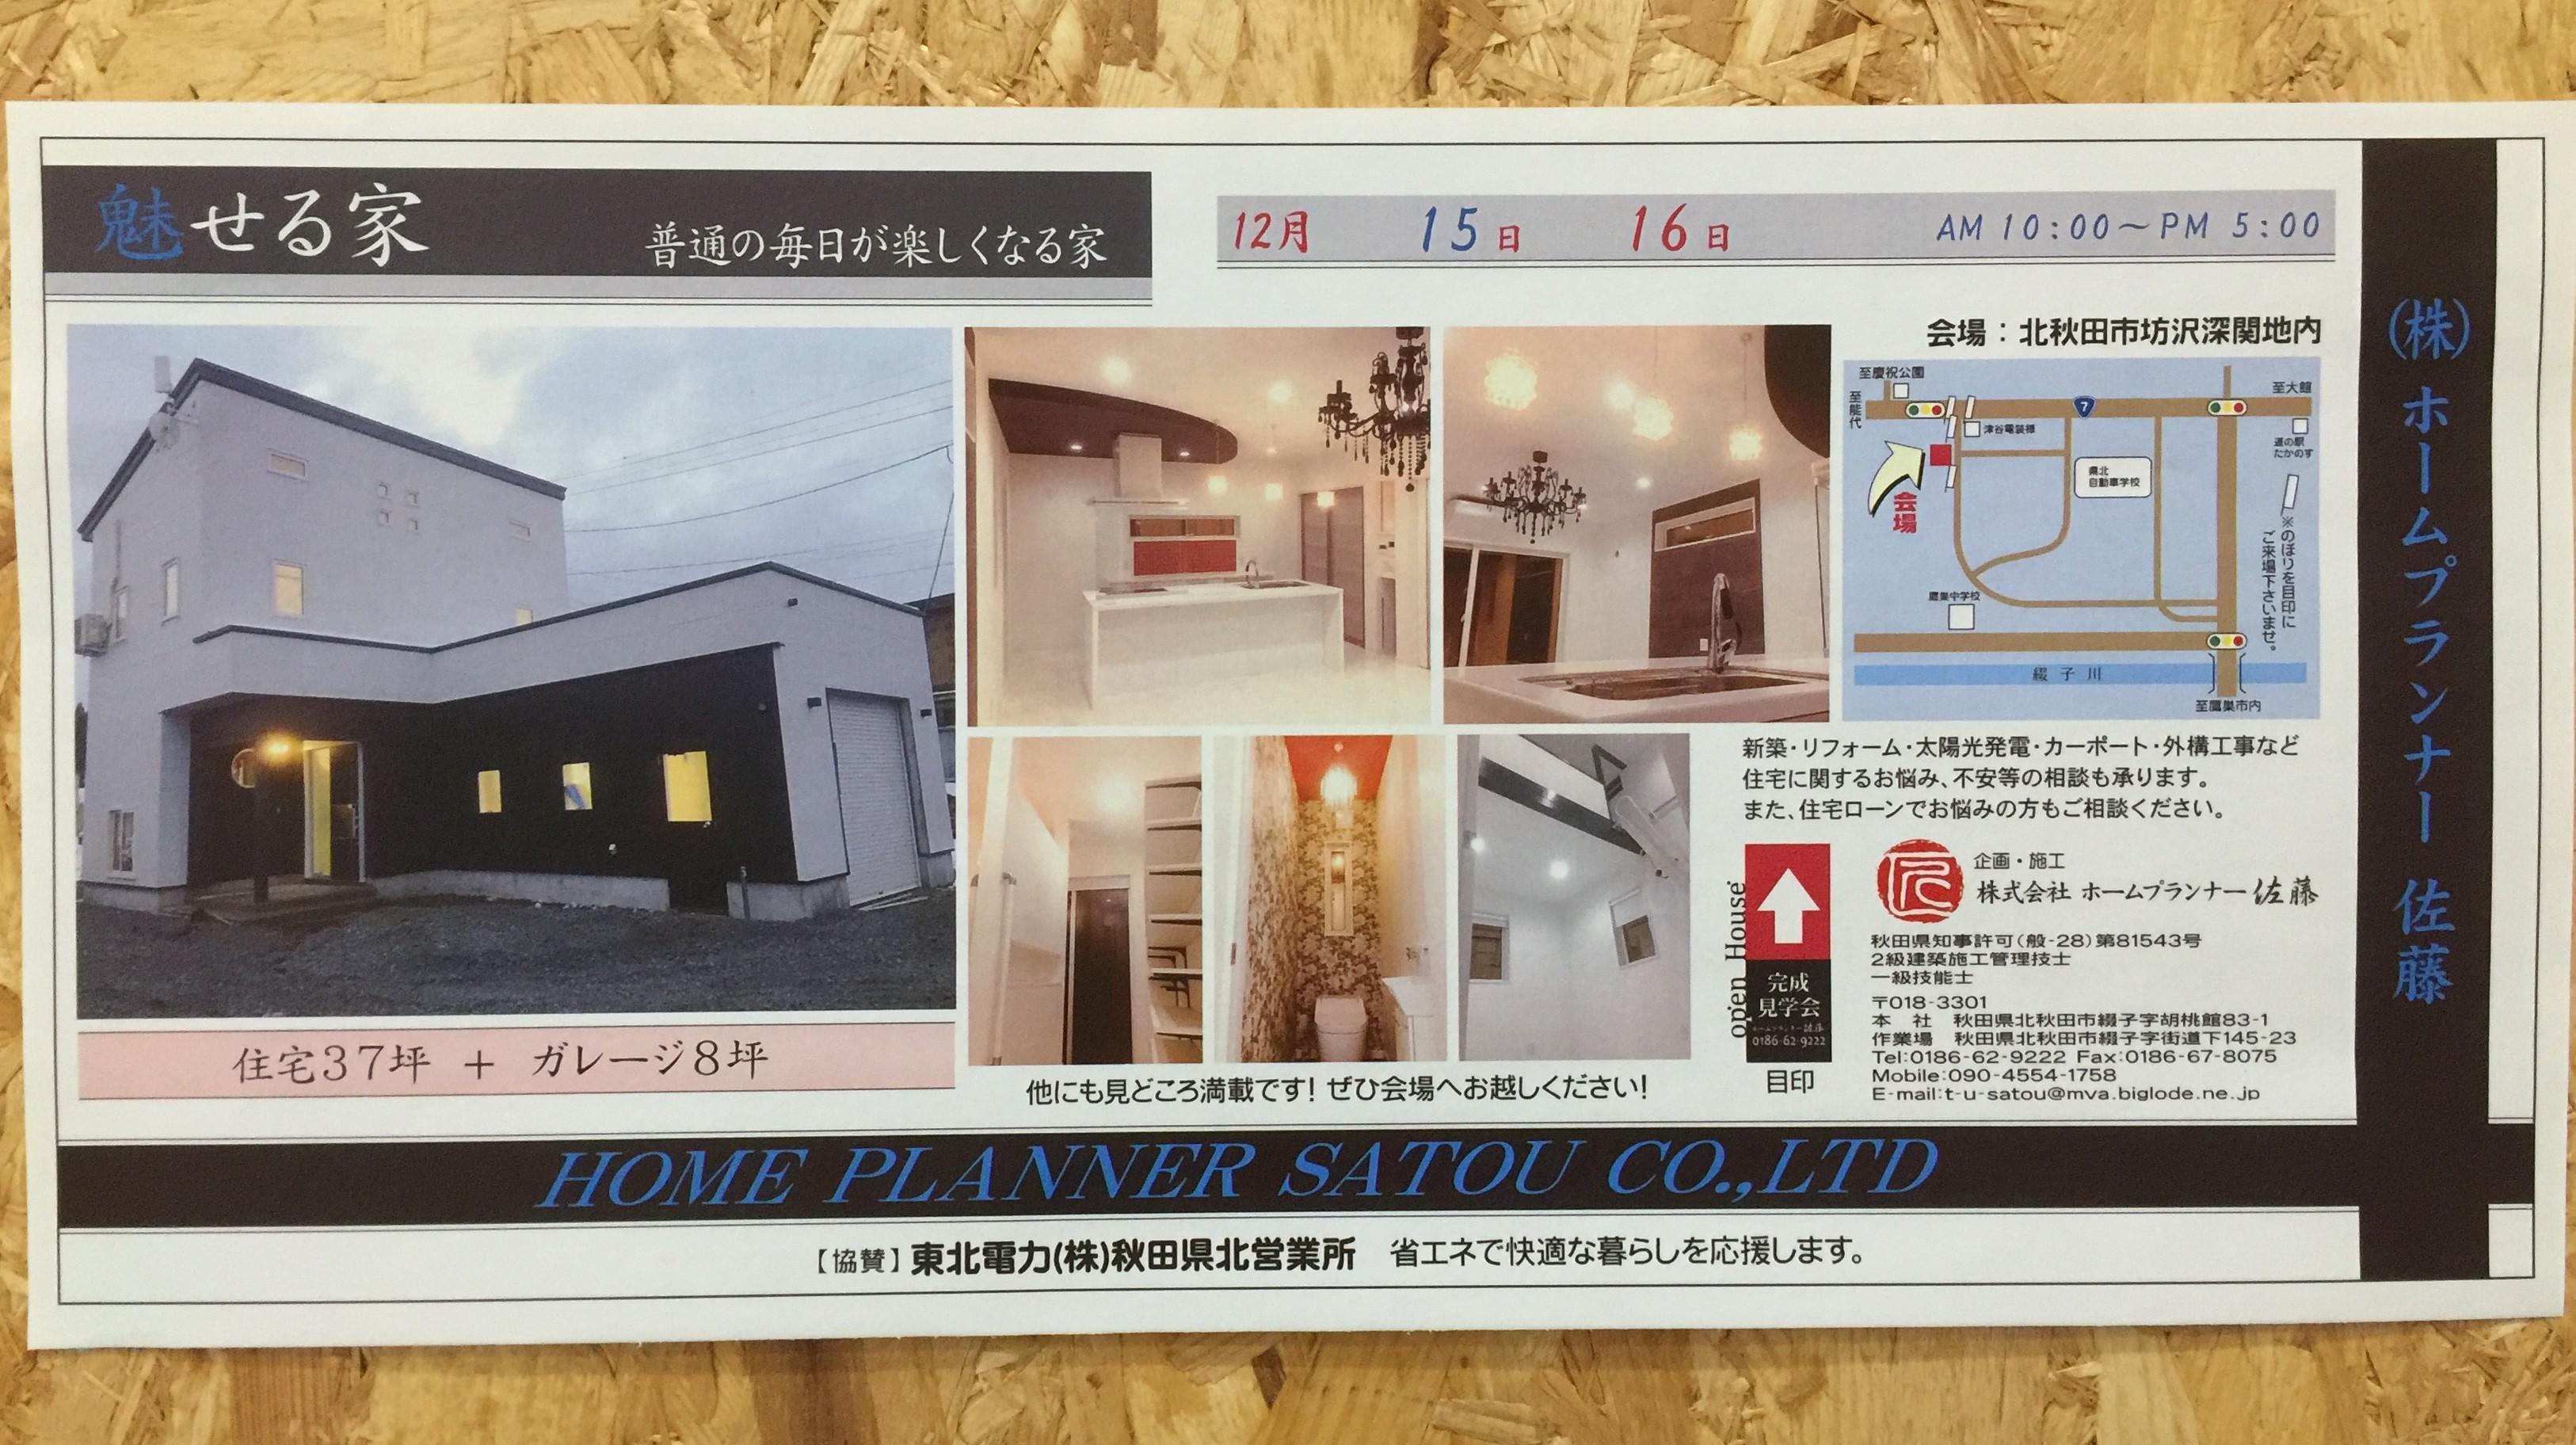 【12月15日・16日】完成見学会のお知らせ